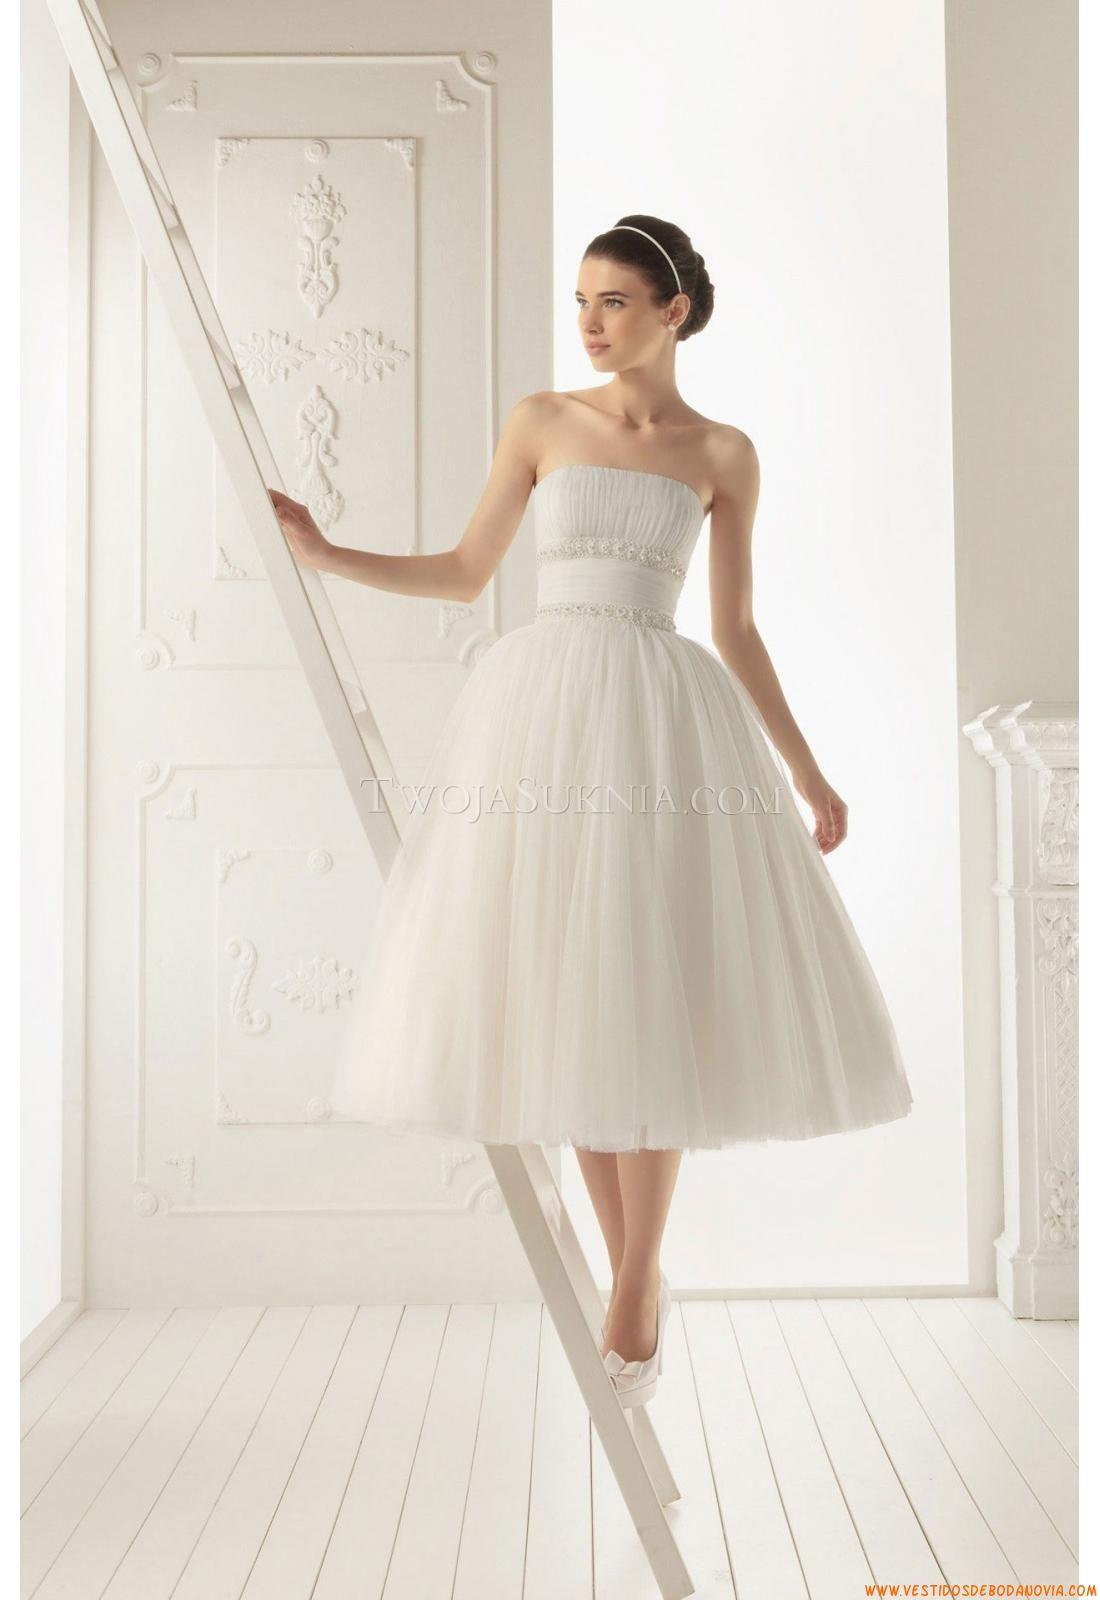 Vestidos de novia cortos aire barcelona